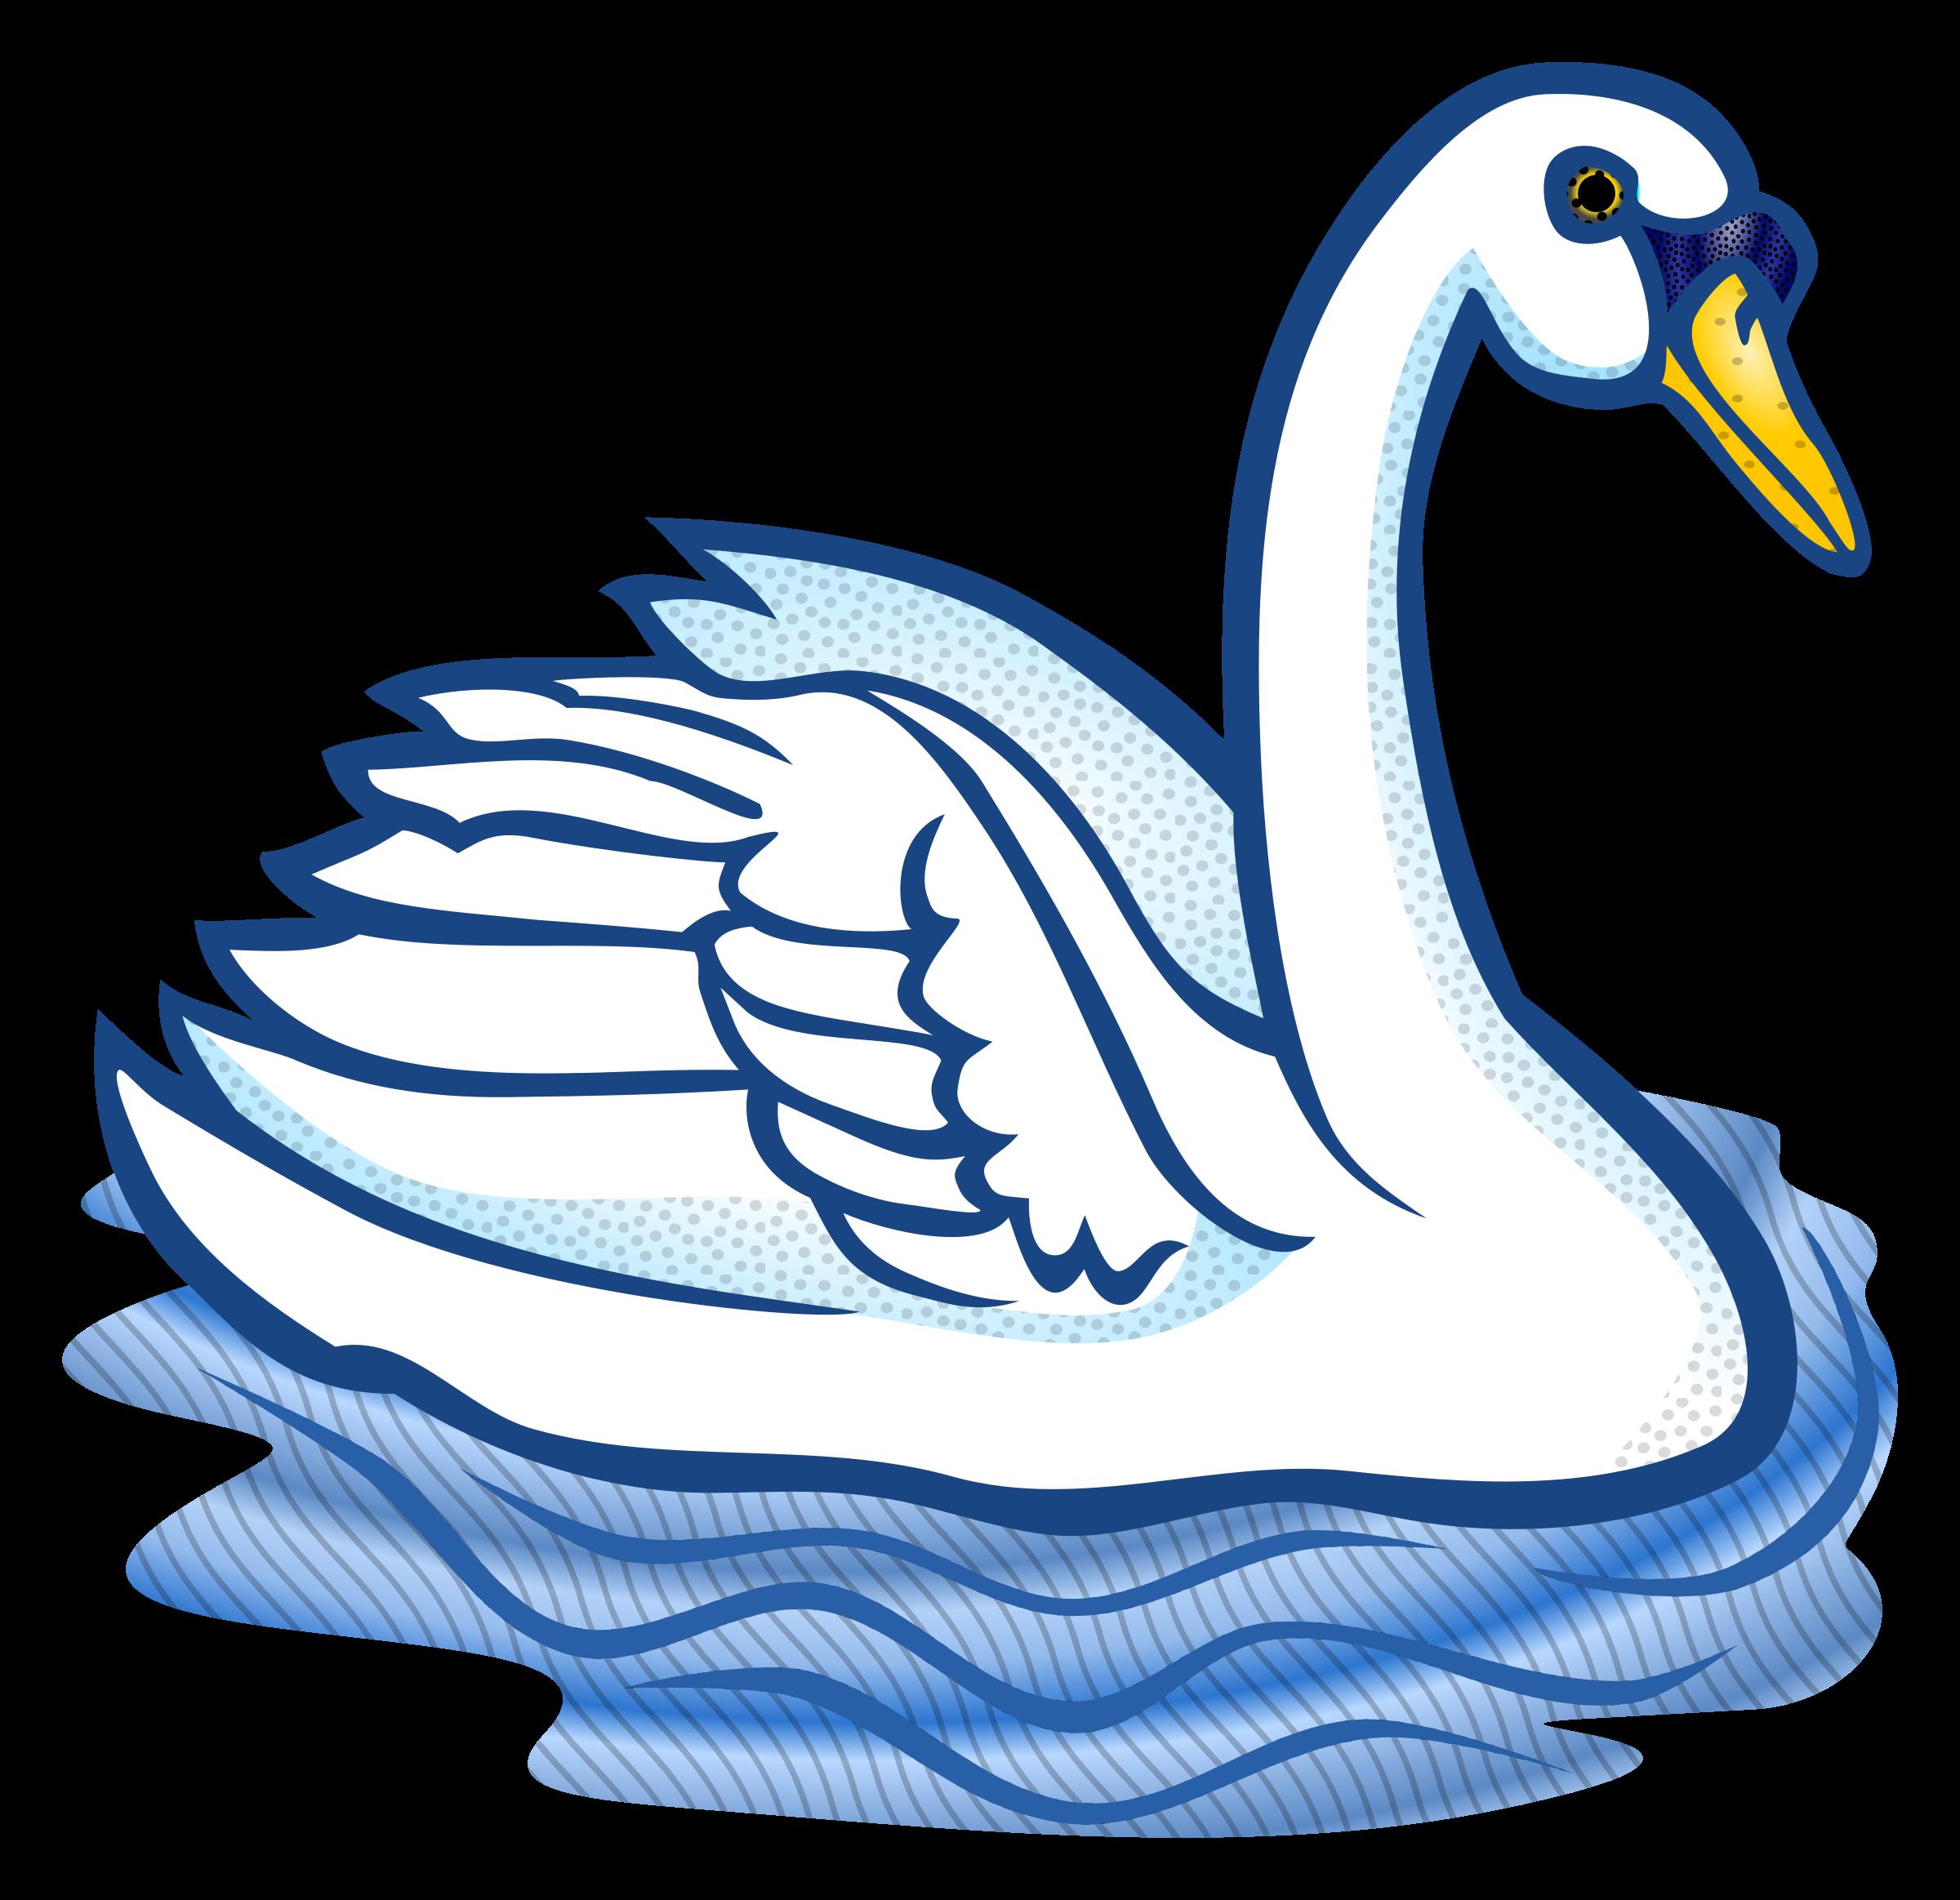 Swan Clipart Feather clip art, Clip art, Public domain